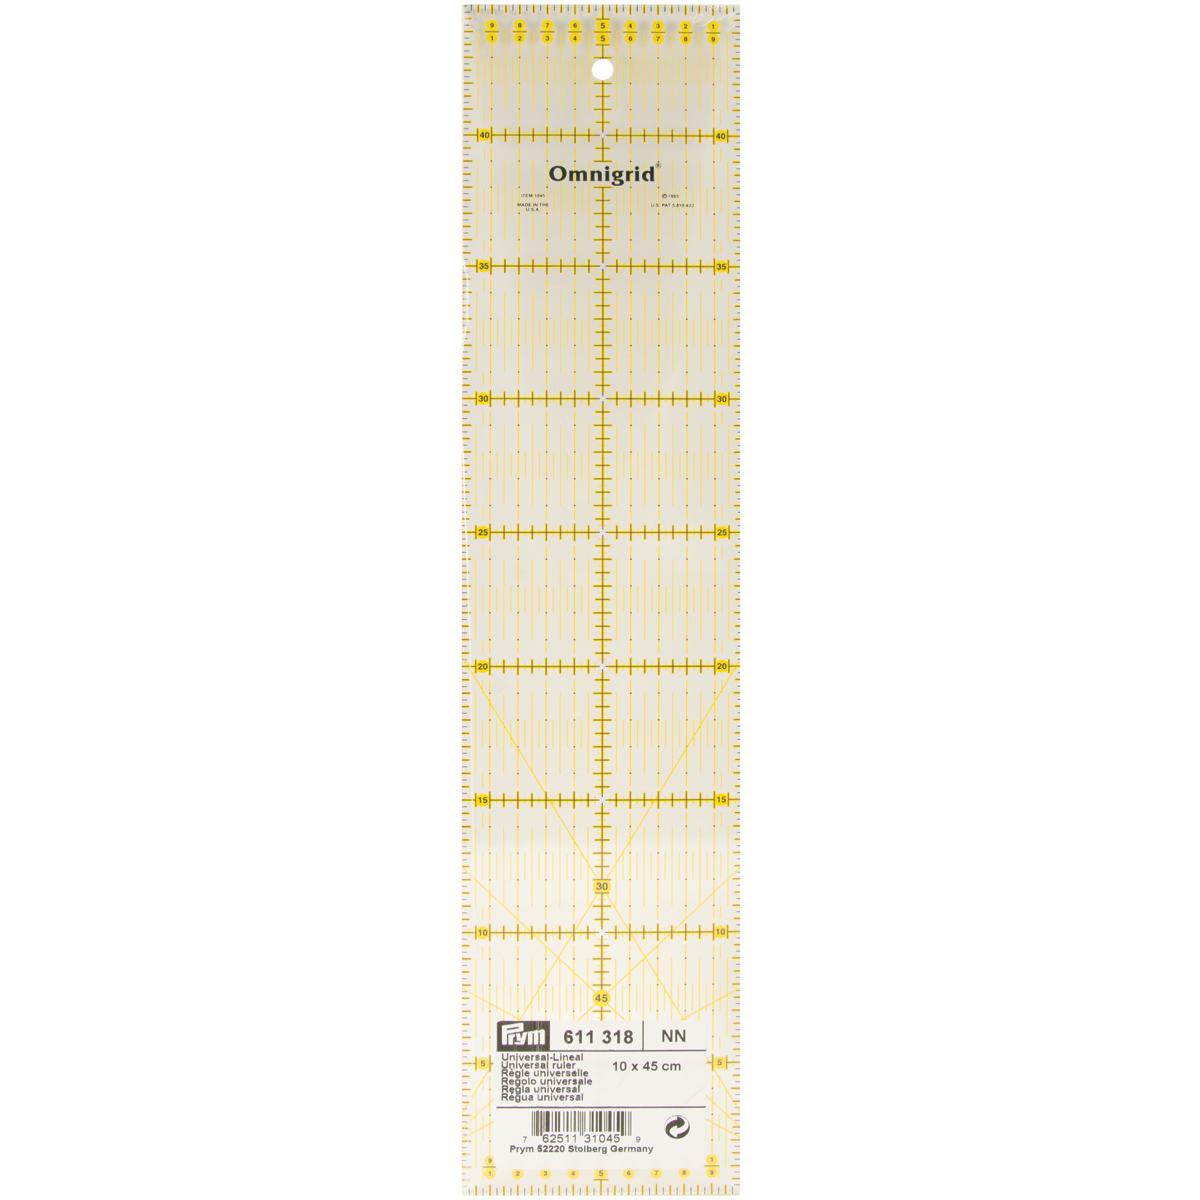 Prym Universal-Lineal 10 x 45 cm Omnigrid